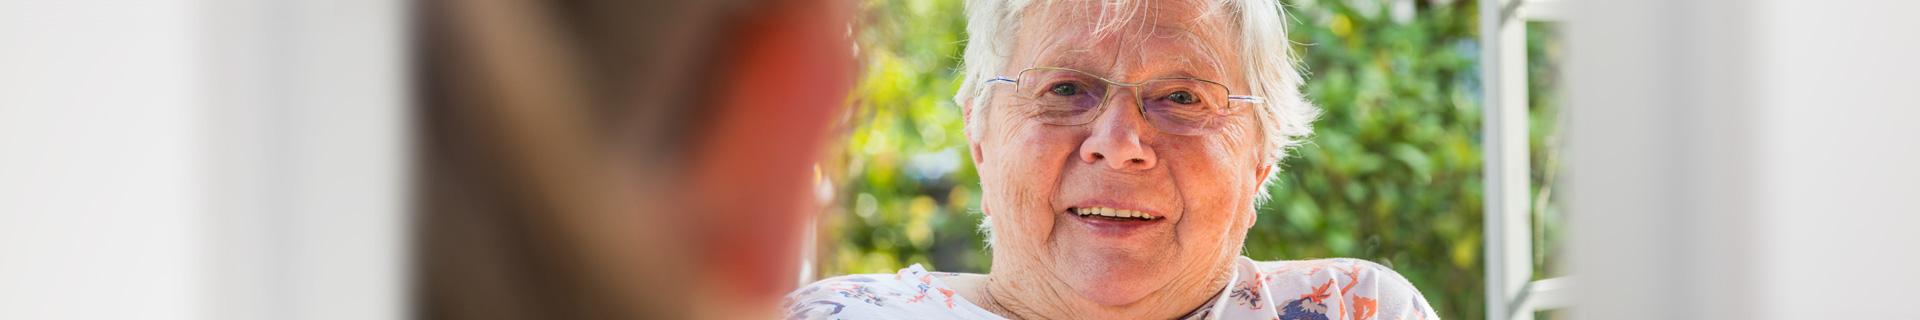 Ältere zu pflegende Dame unterhält sich im Garten